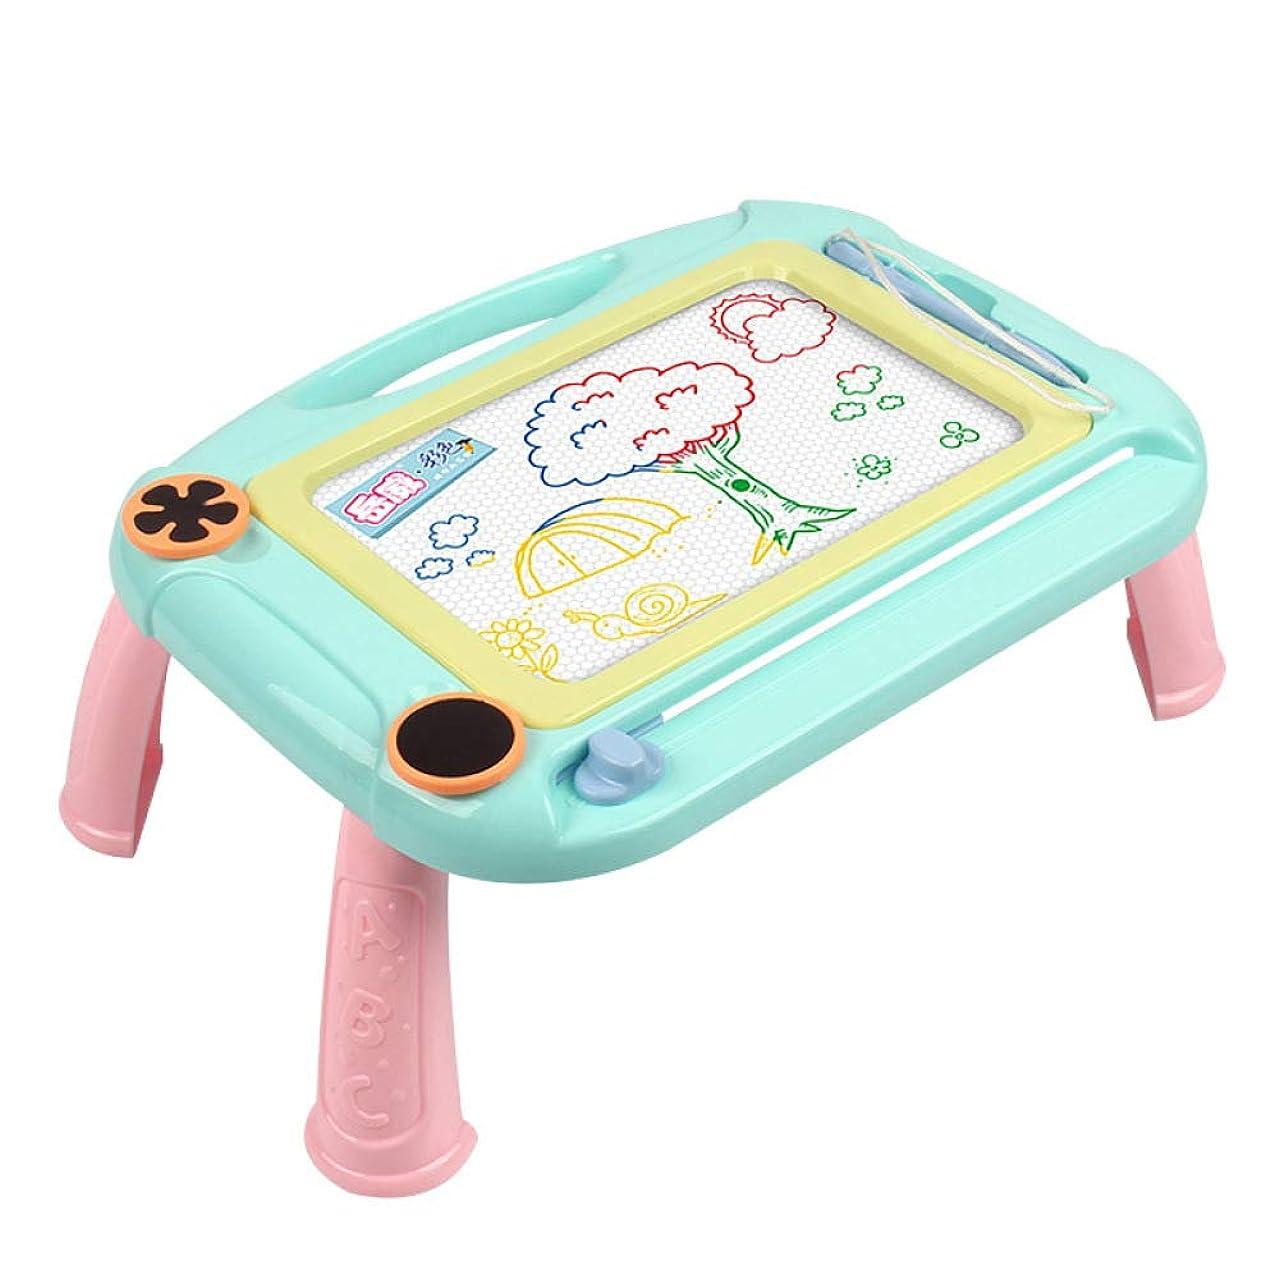 ジョージバーナード応答ロードハウス磁気製図板領域教育学習玩具落書きペイントパッド+ 2スタンプ(折りたたみブラケット),Blue